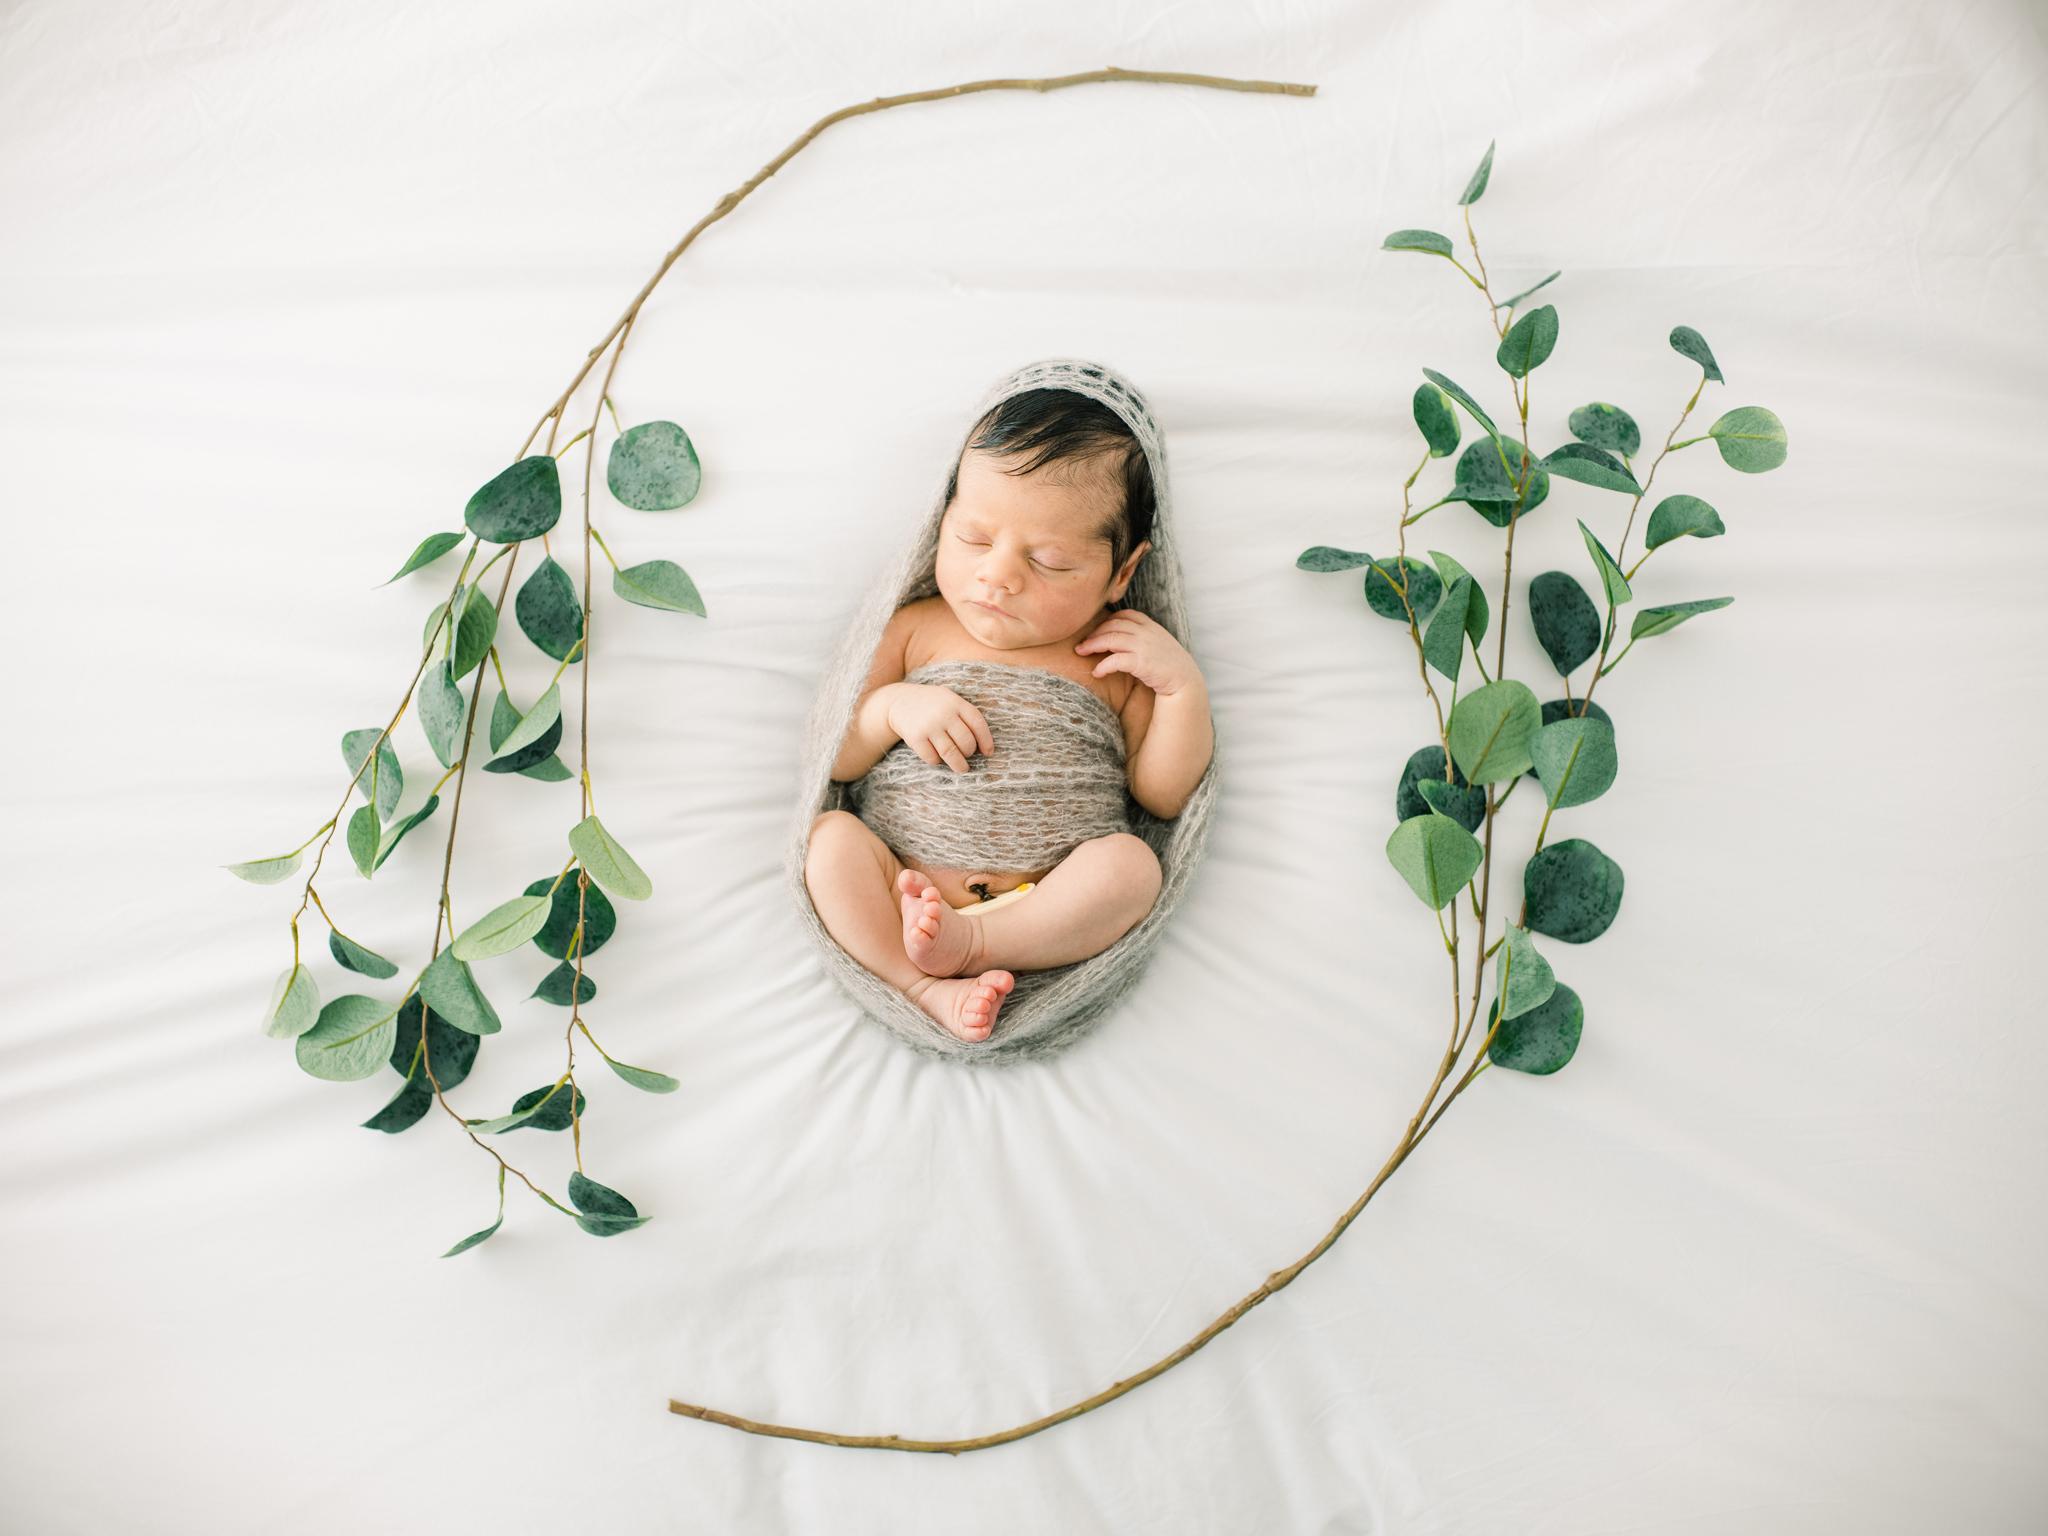 fotografia newborn0015.jpg